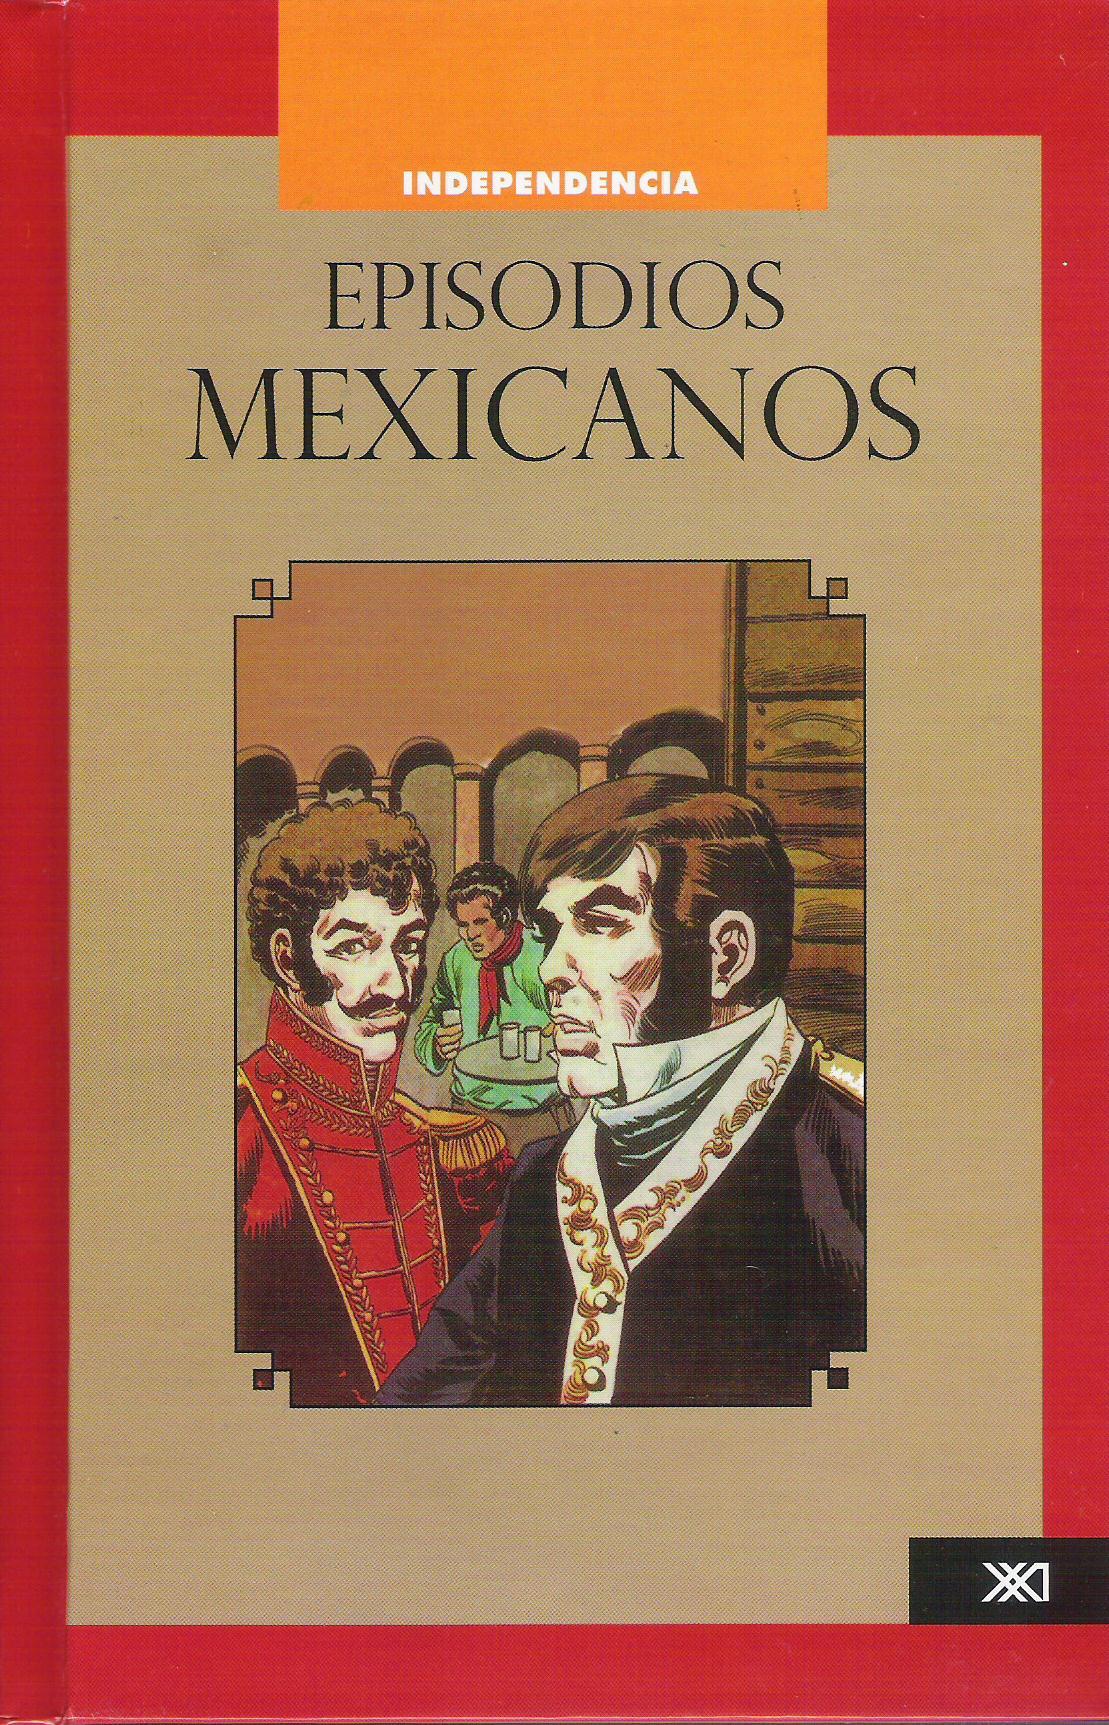 Episodios mexicanos  Vol. 1 Independencia